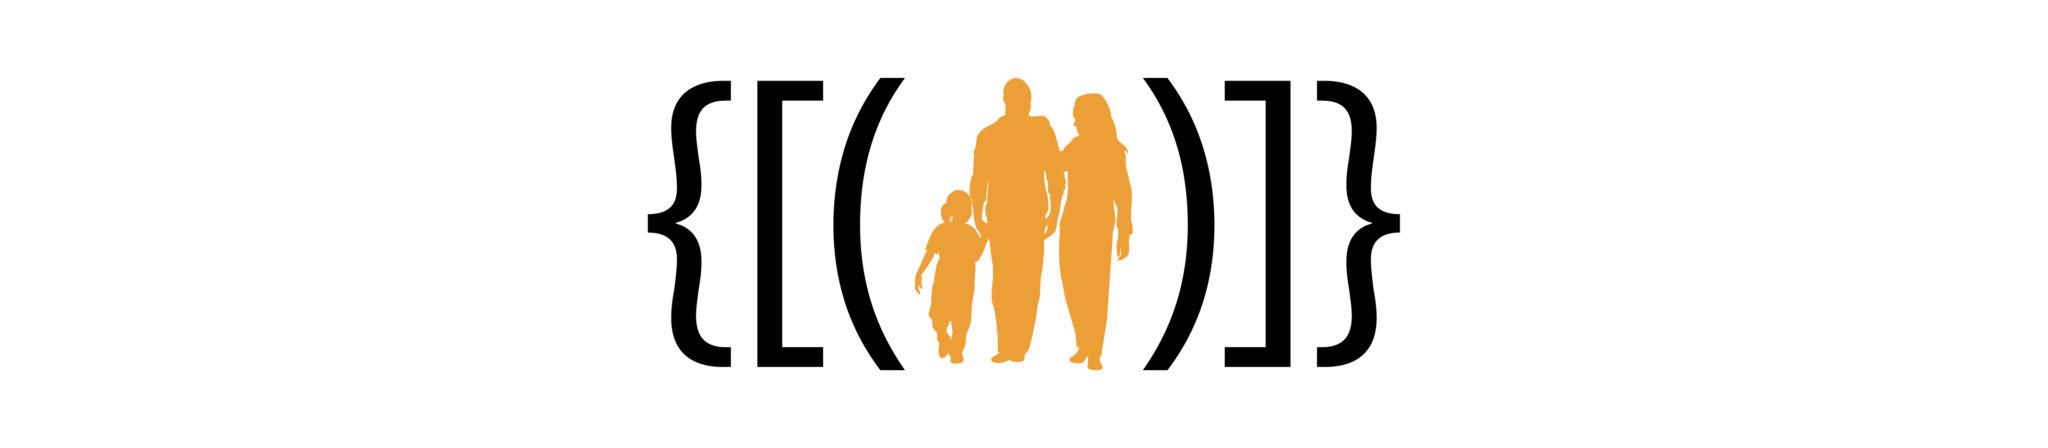 banner informazioni sul cappotto termico per privati